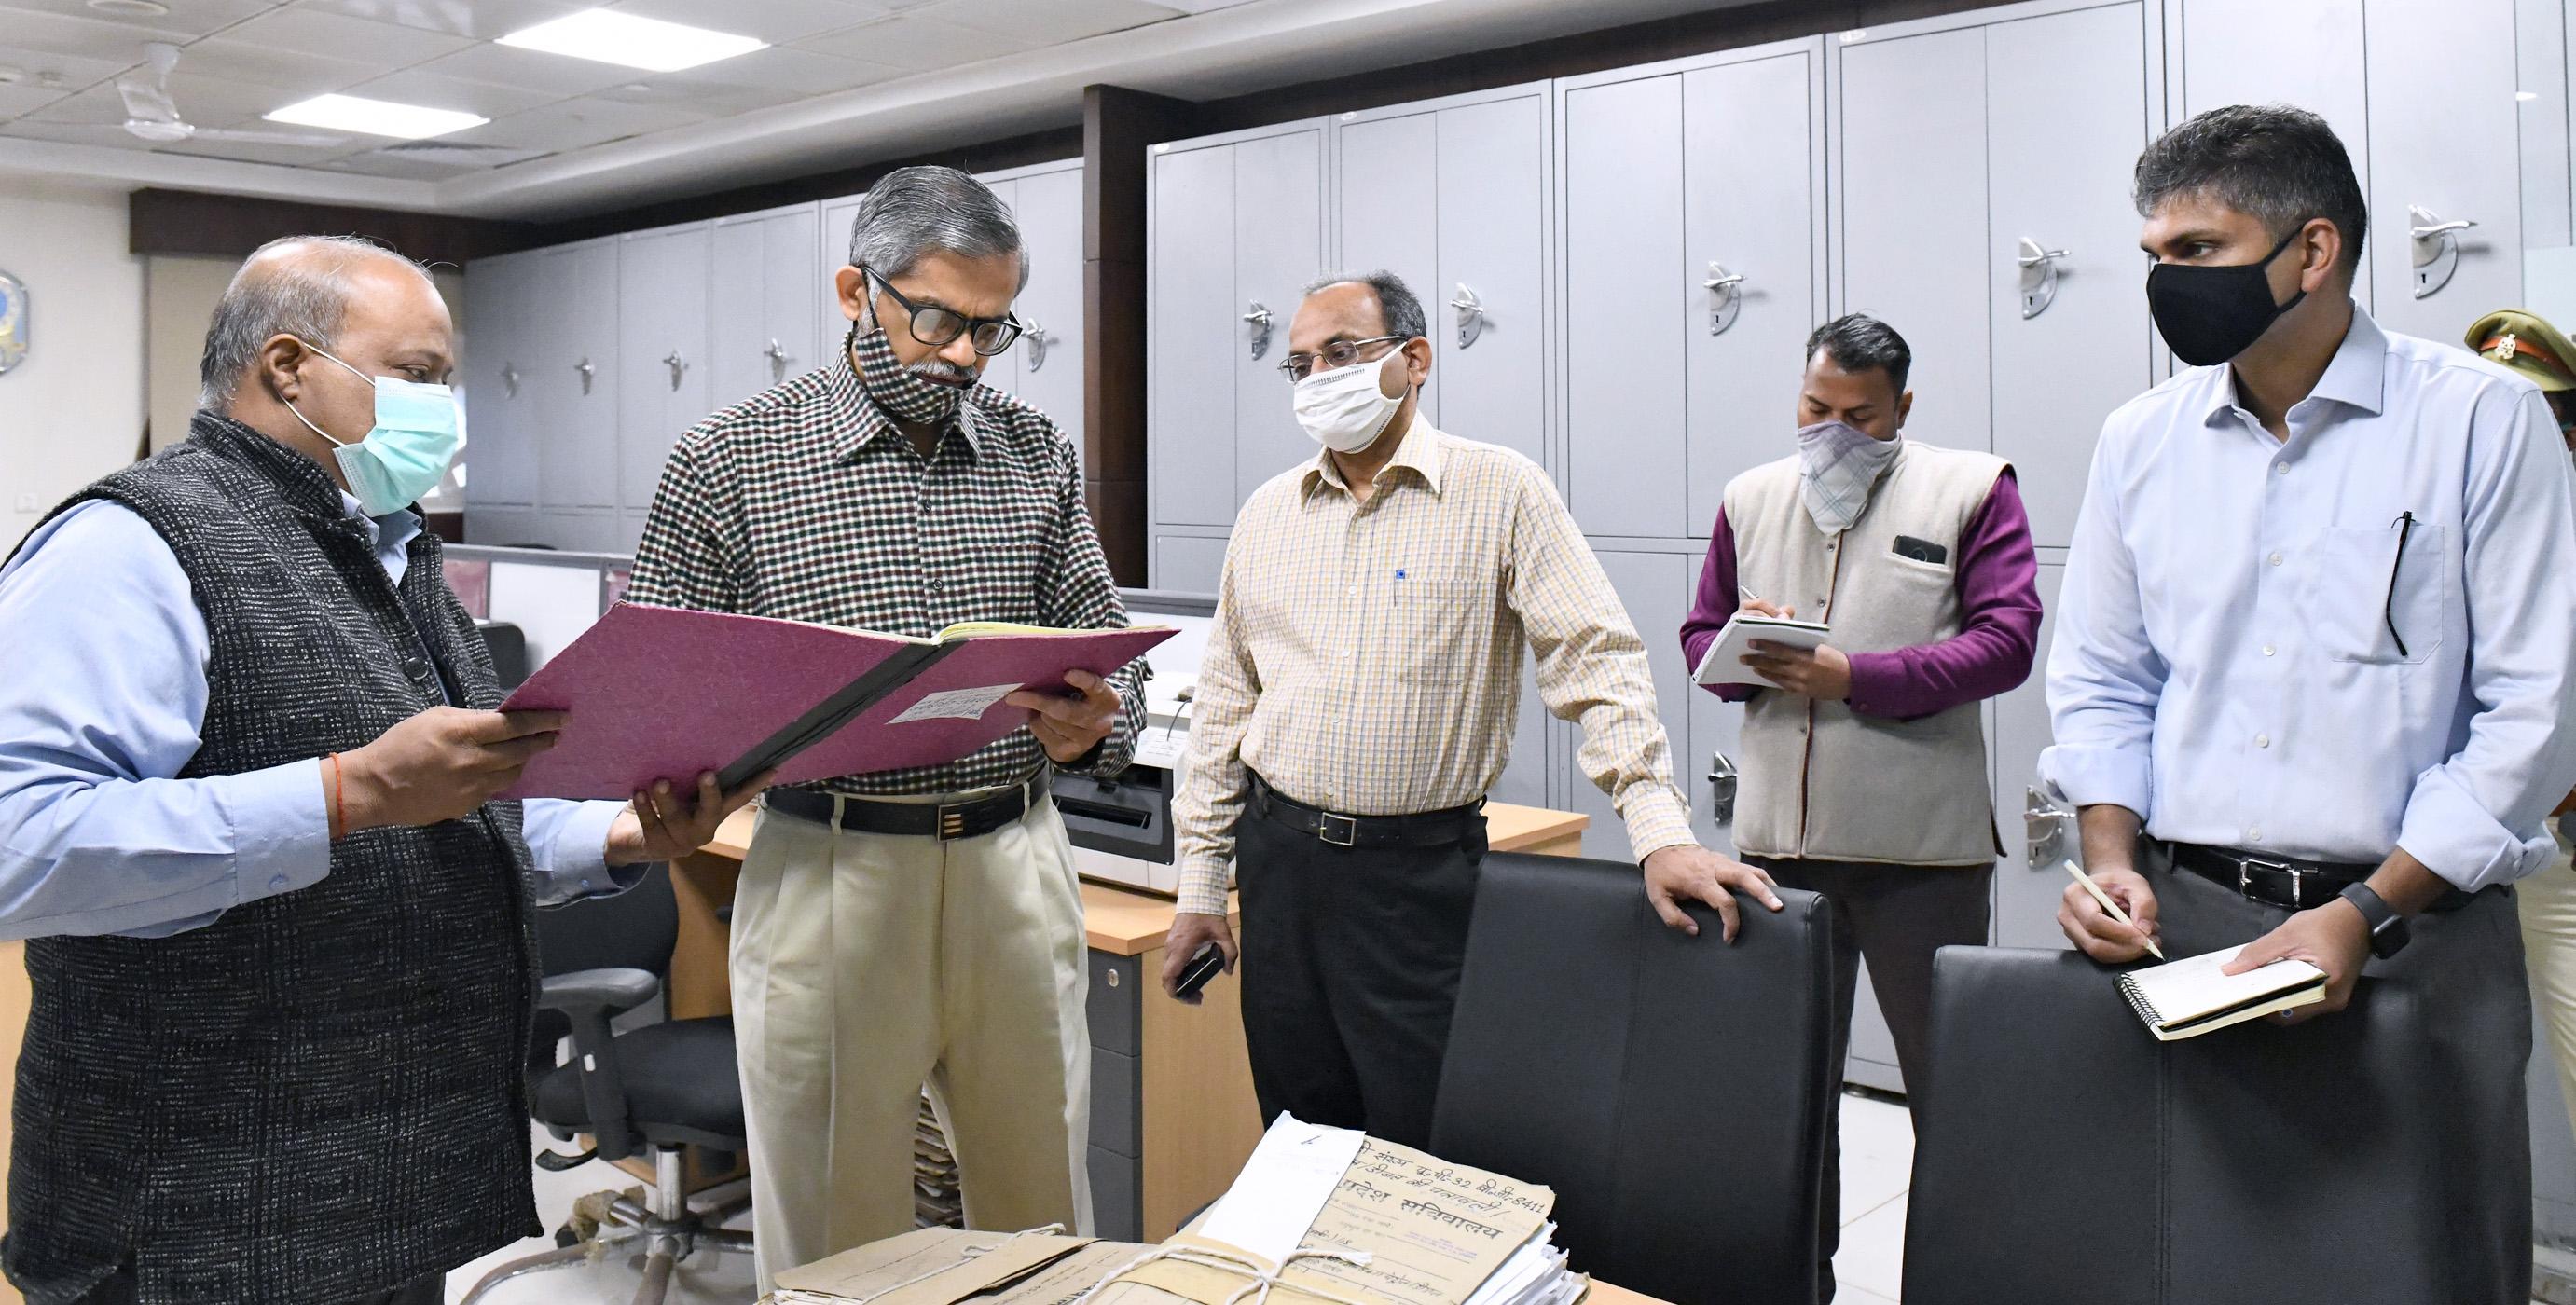 मुख्य सचिव ने लोक भवन स्थित कार्यालयों का किया  औचक निरीक्षण